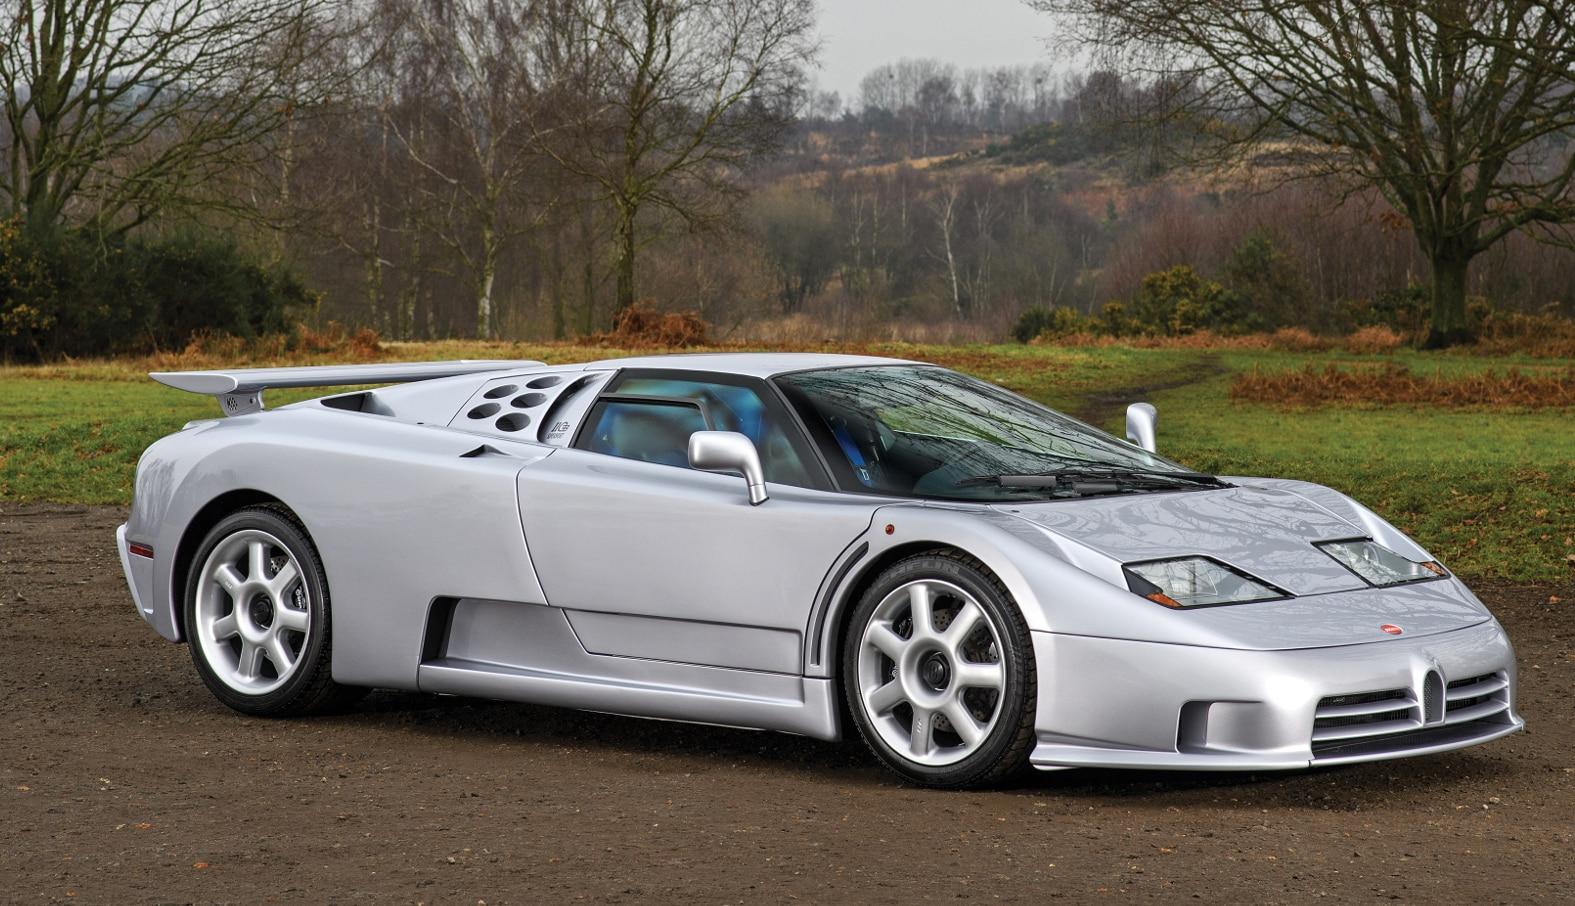 3 1993-Bugatti-EB-110-Super-Sport-Prototype_0